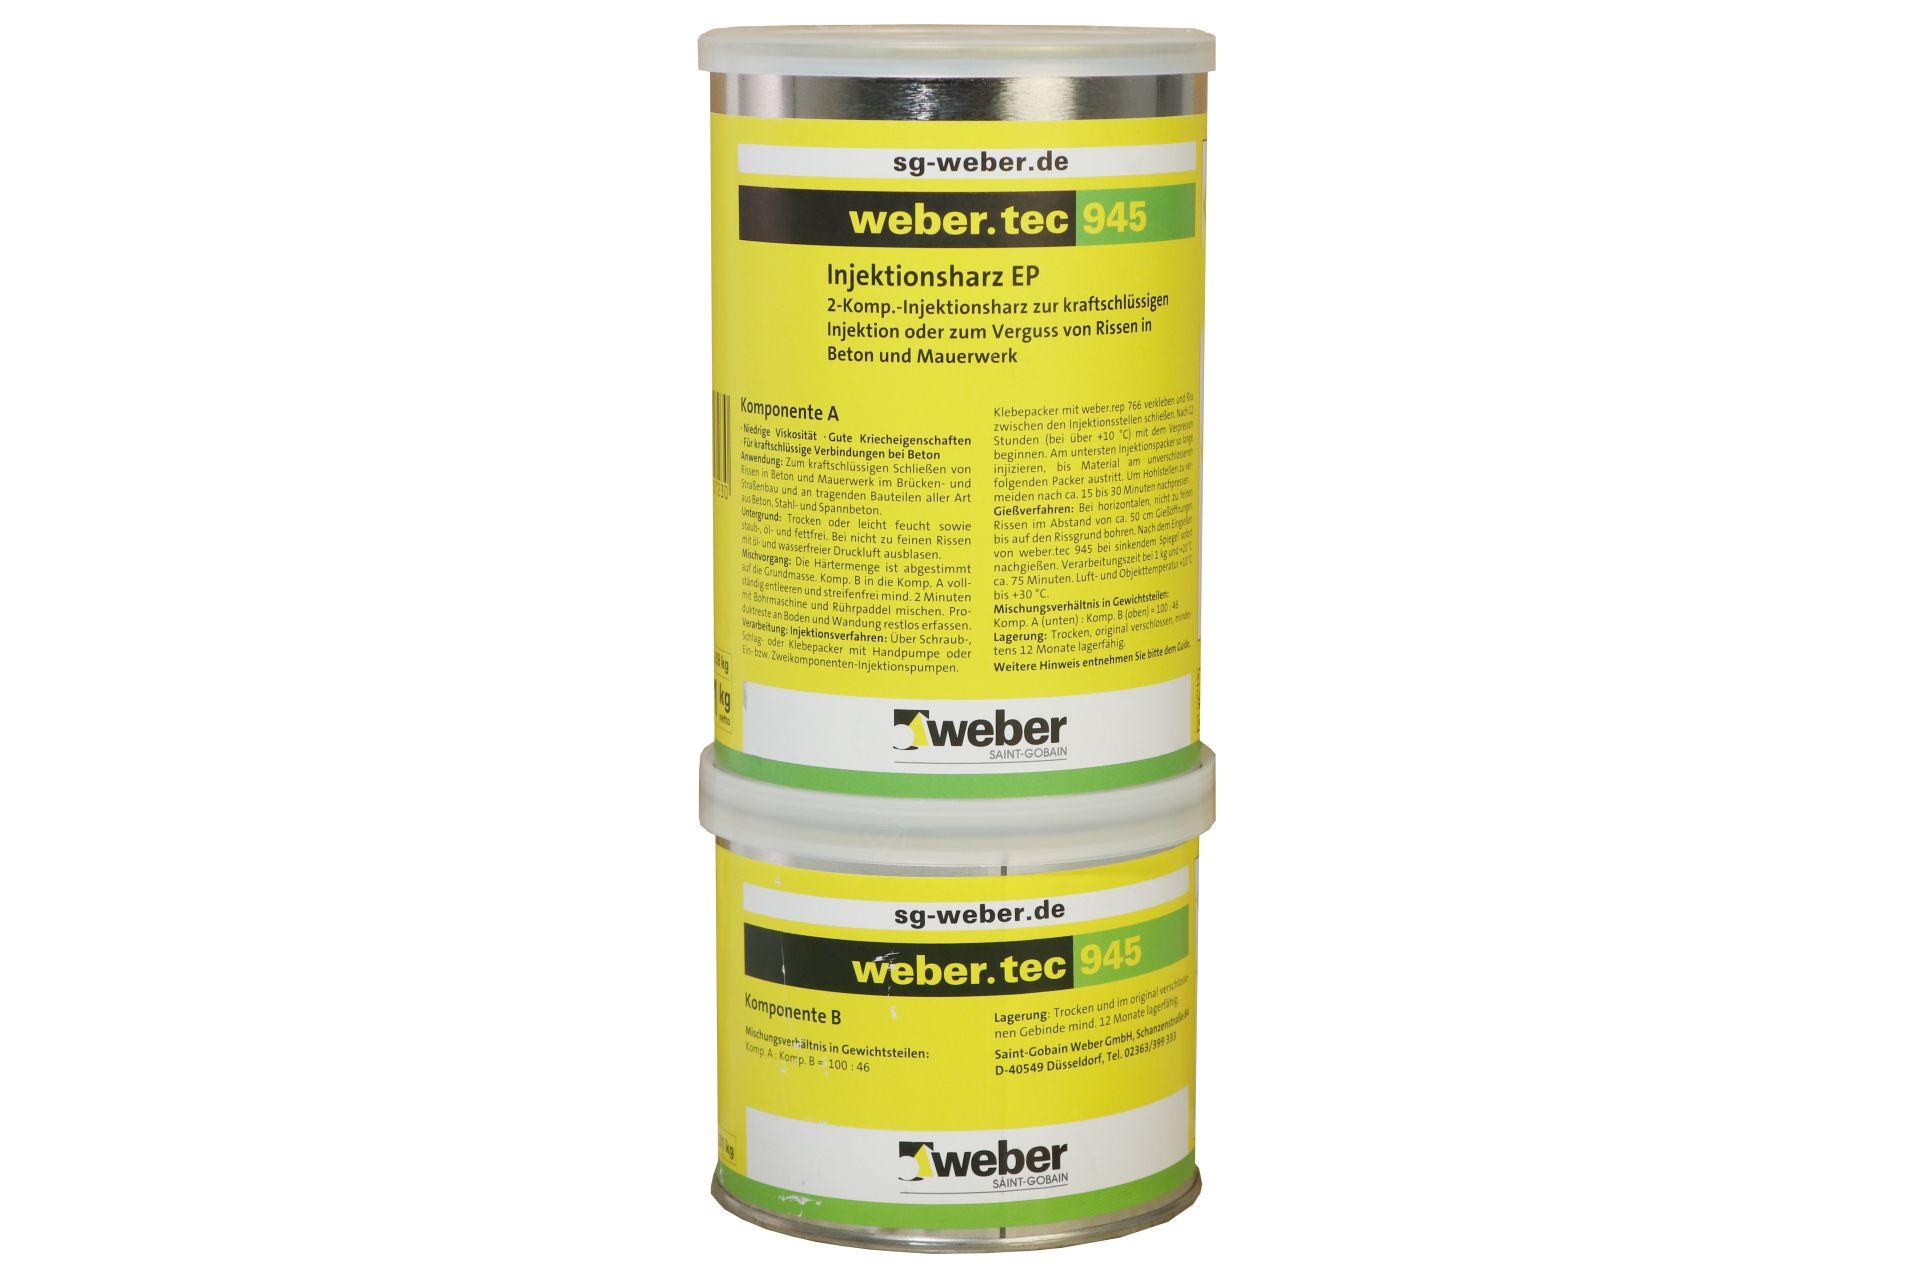 weber.tec 945, Injektionsharz EP, transparent, gelblich, 1 kg